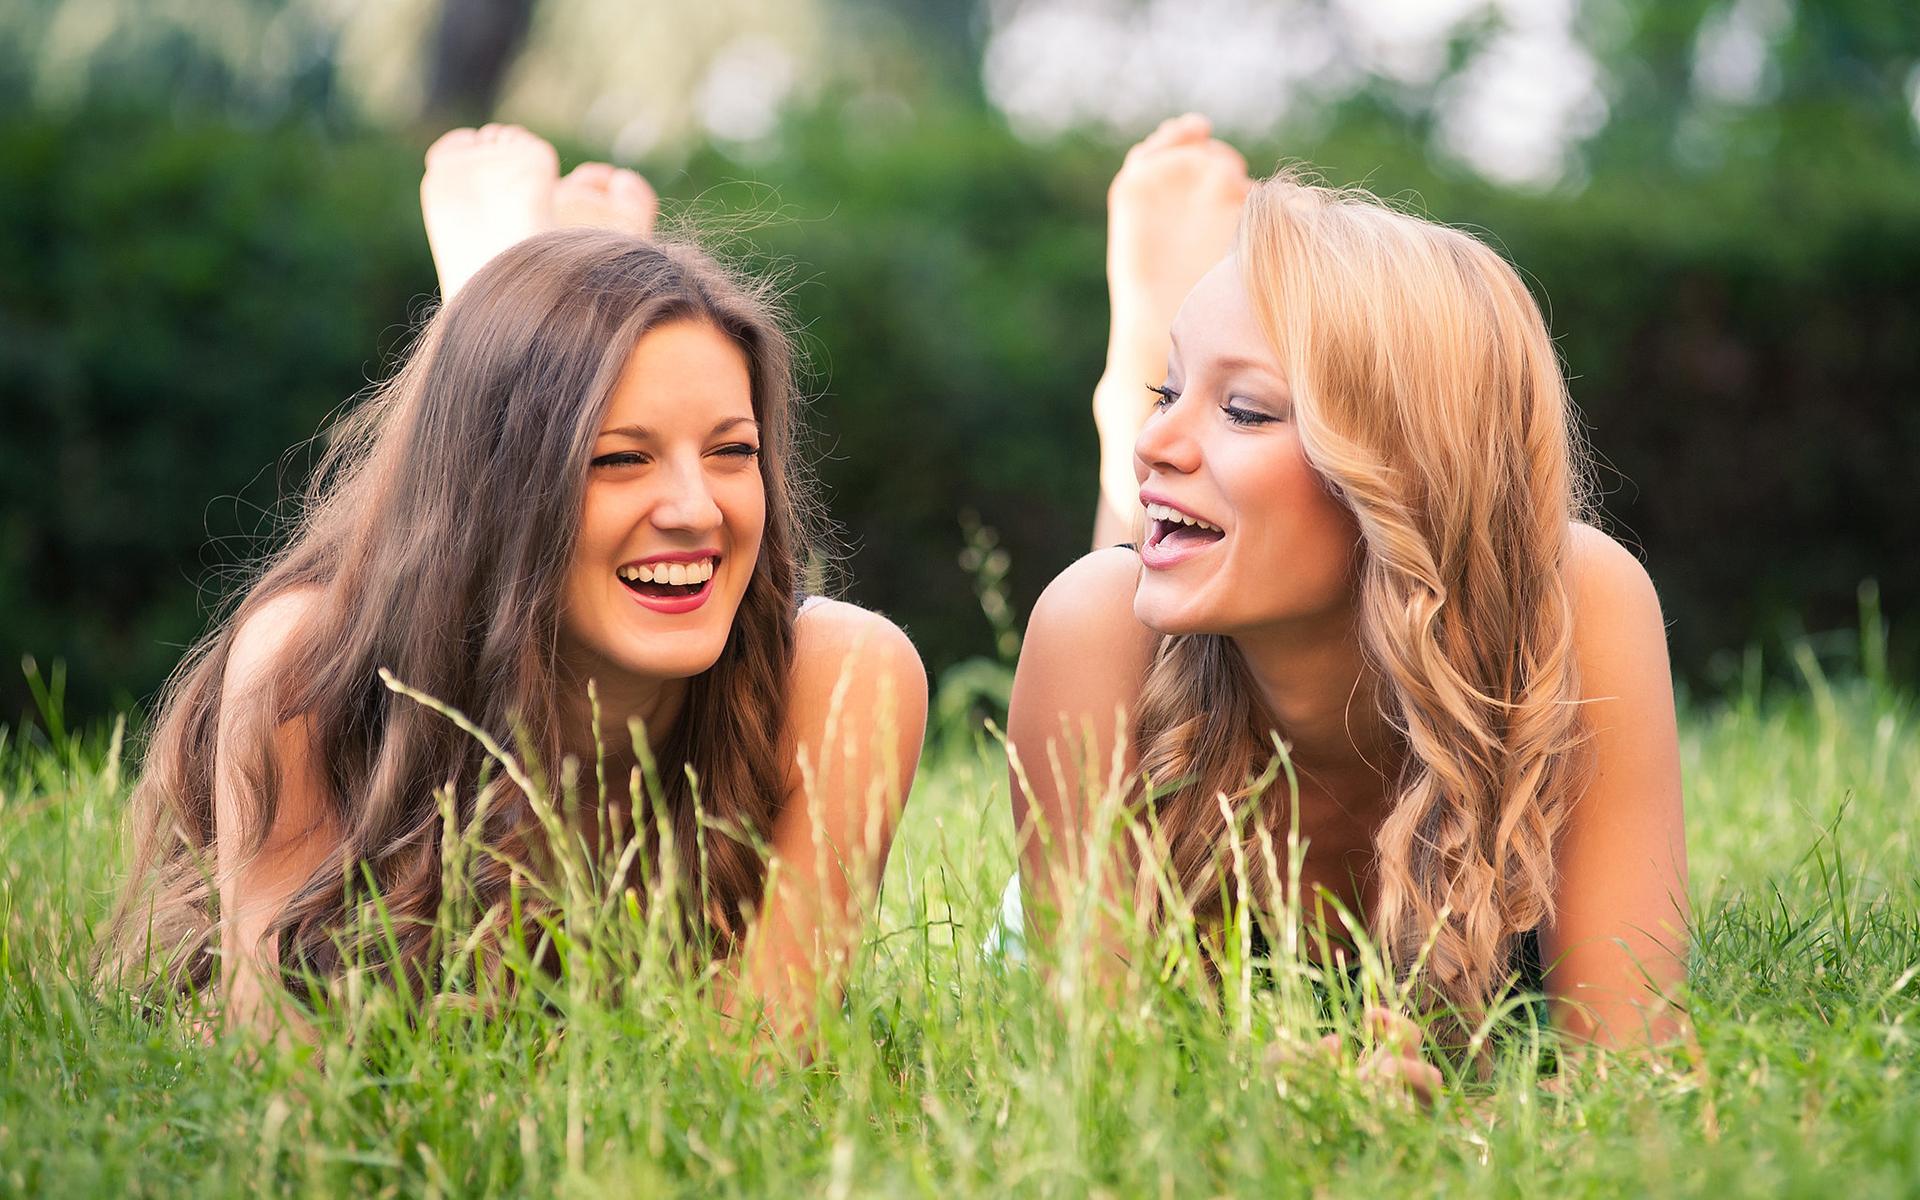 любовные игры девушки с подругой